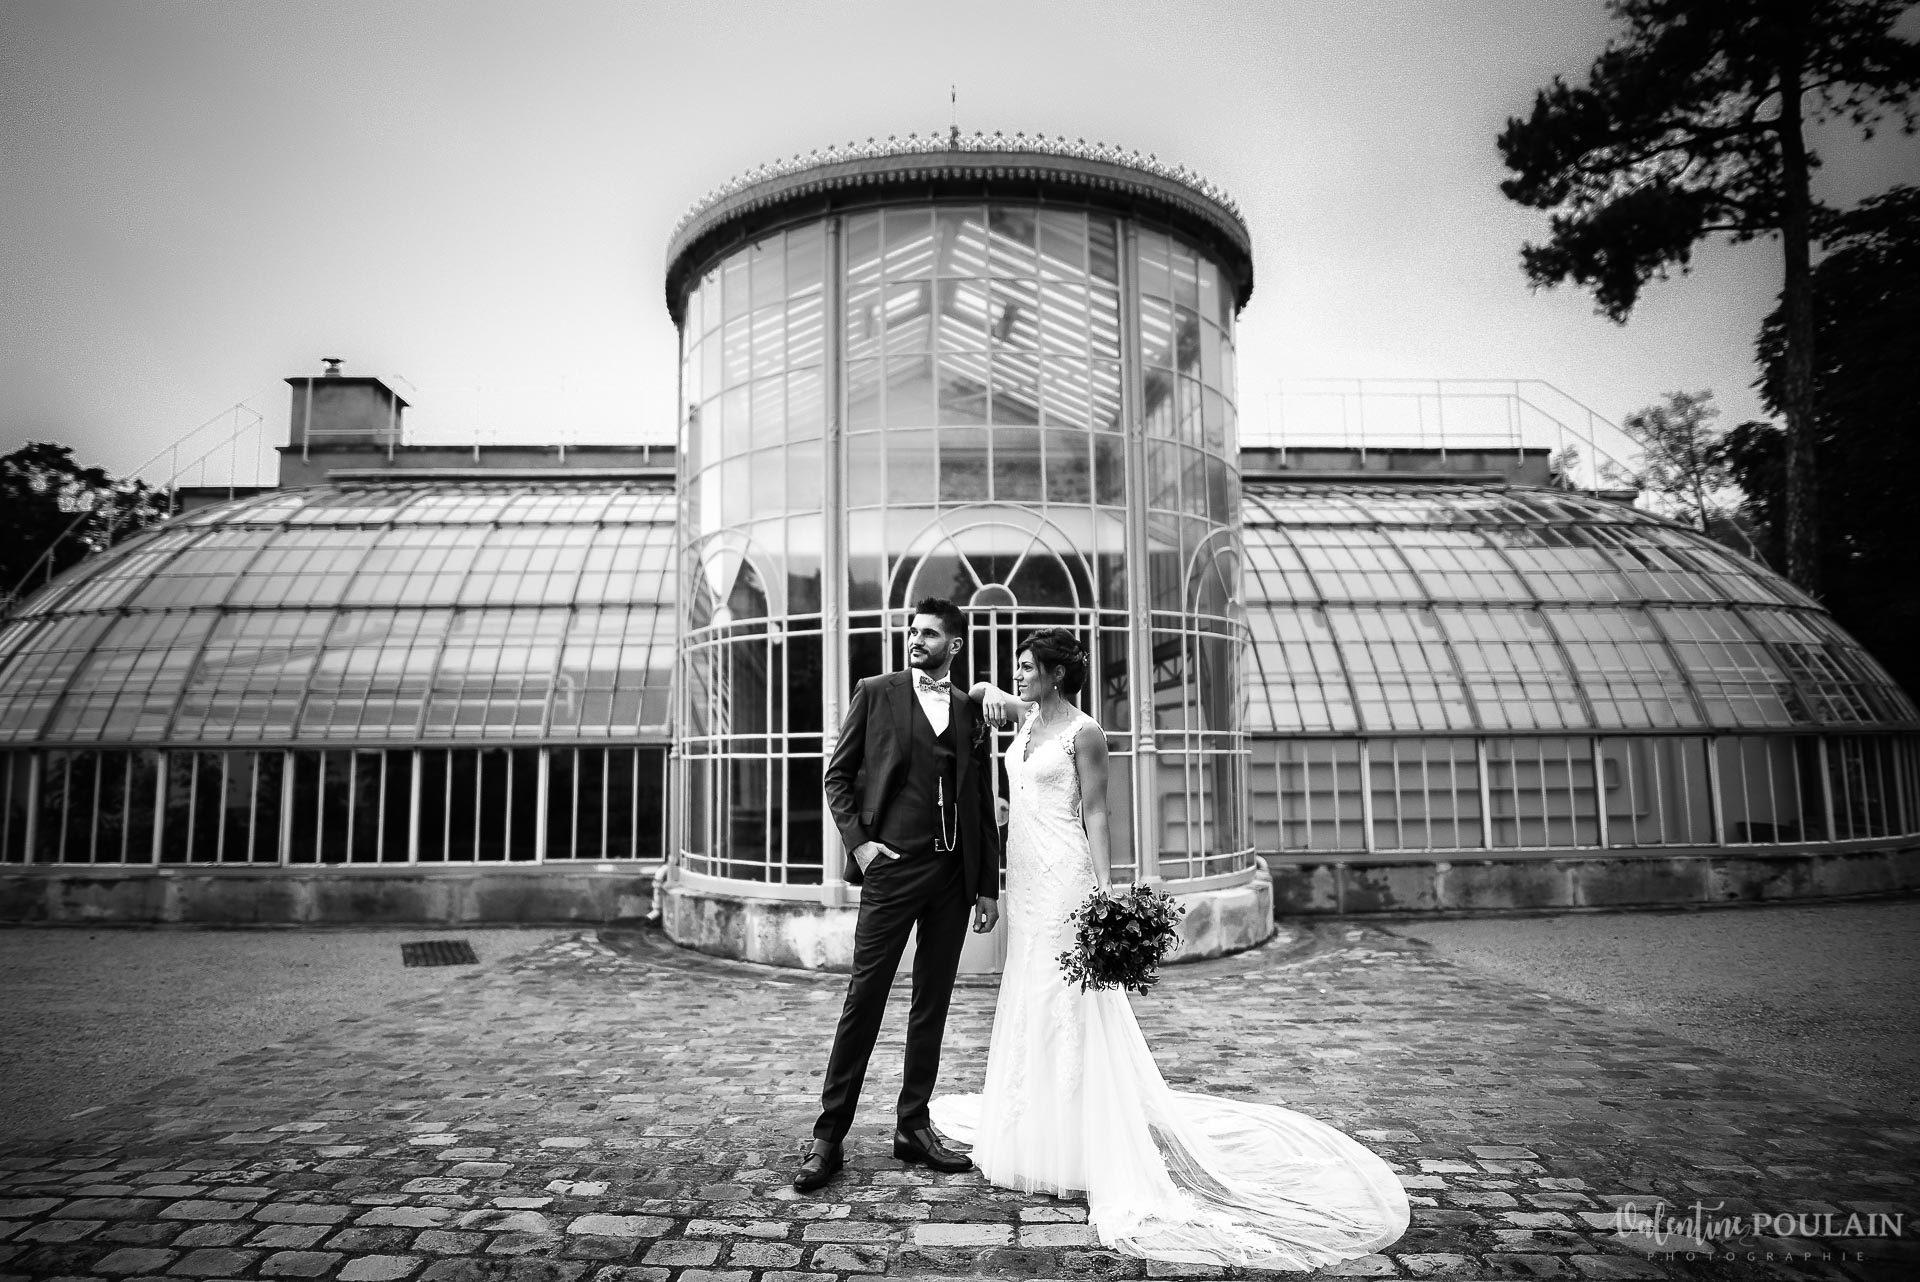 Mariage lieu insolite Paris -Valentine Poulain Domaine de Brunel Château du Prieuré serre